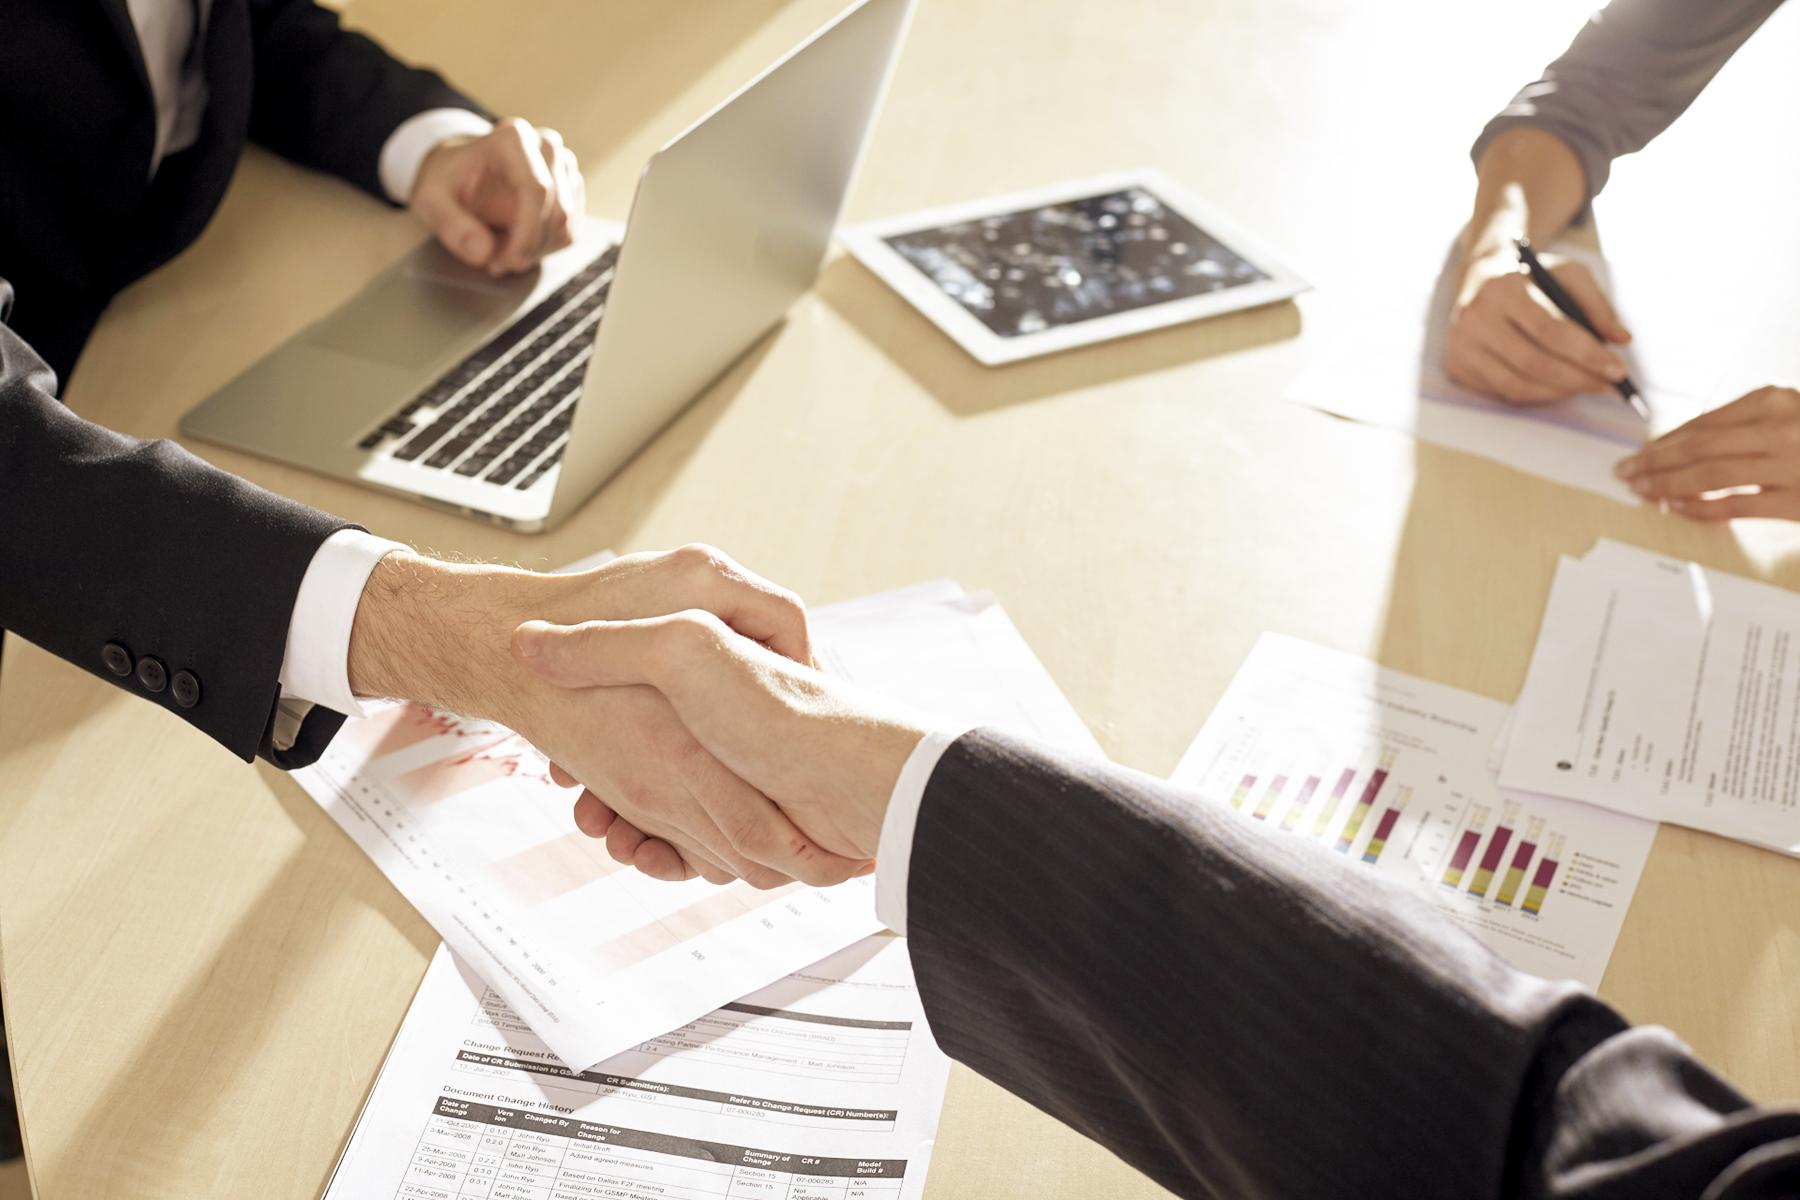 商談が成立したビジネスシーンのイメージ写真